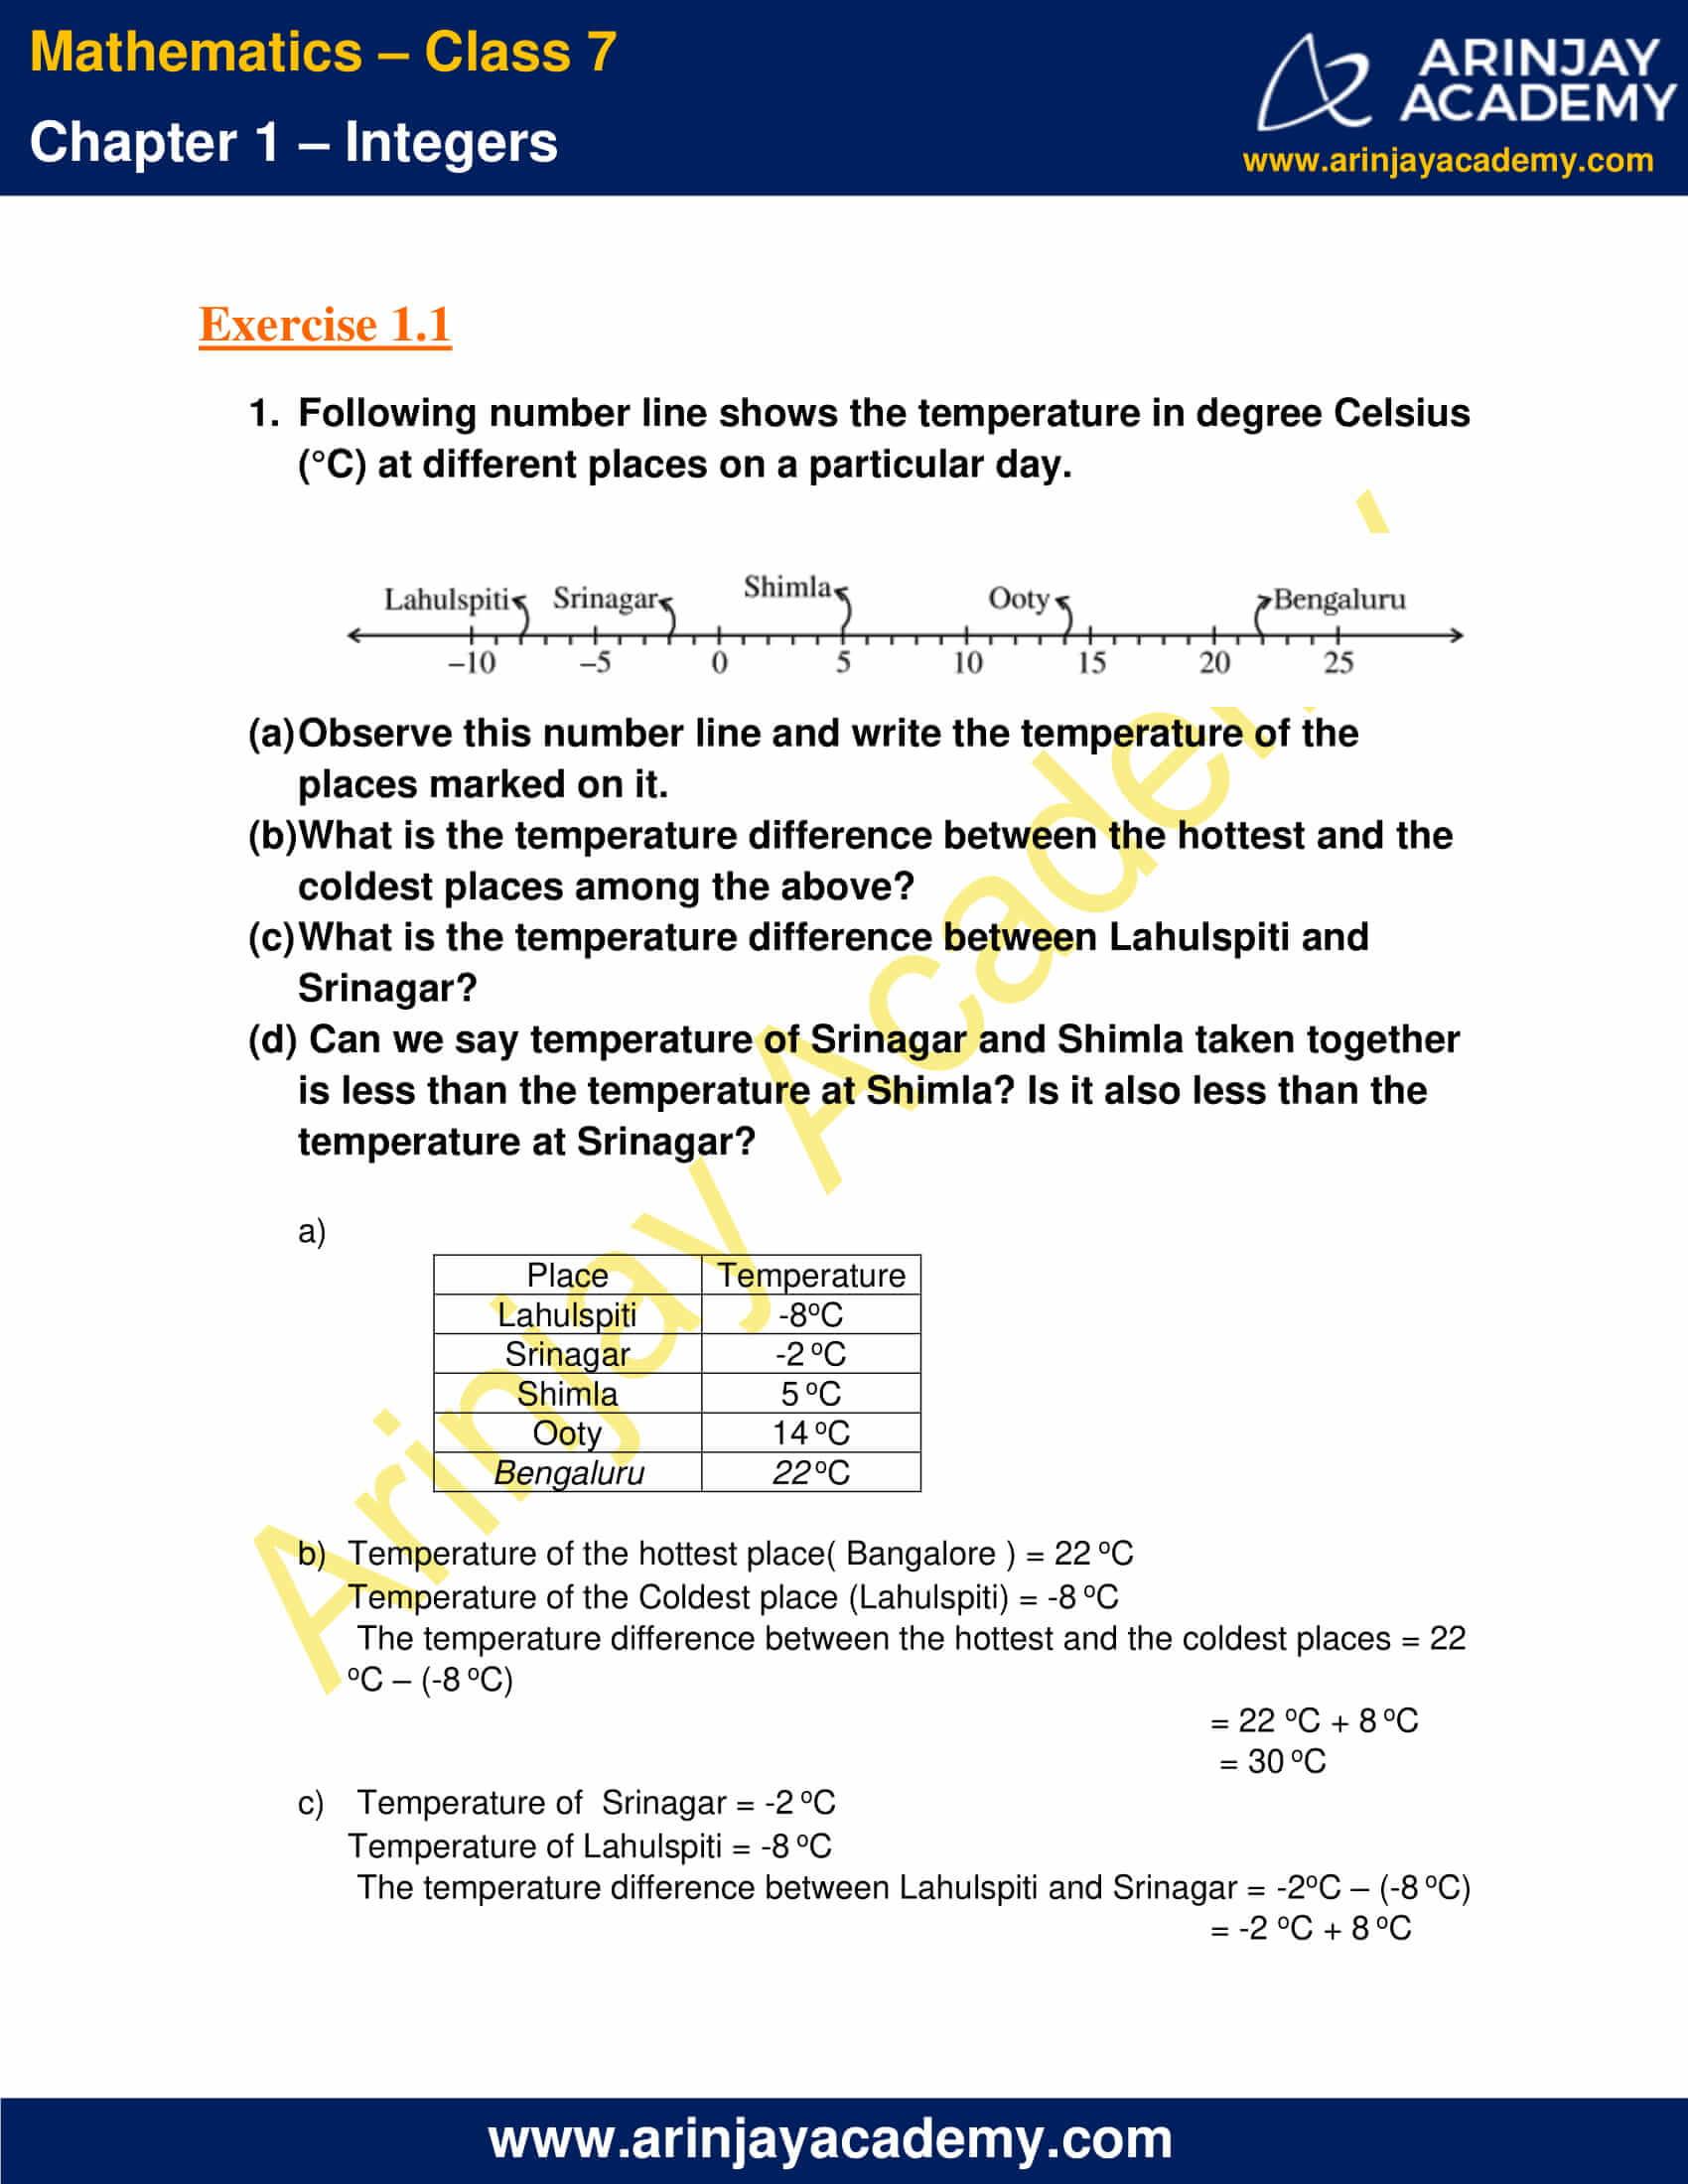 Ncert Solutions For Class 7 Maths Chapter 1 Integers Arinjay Academy